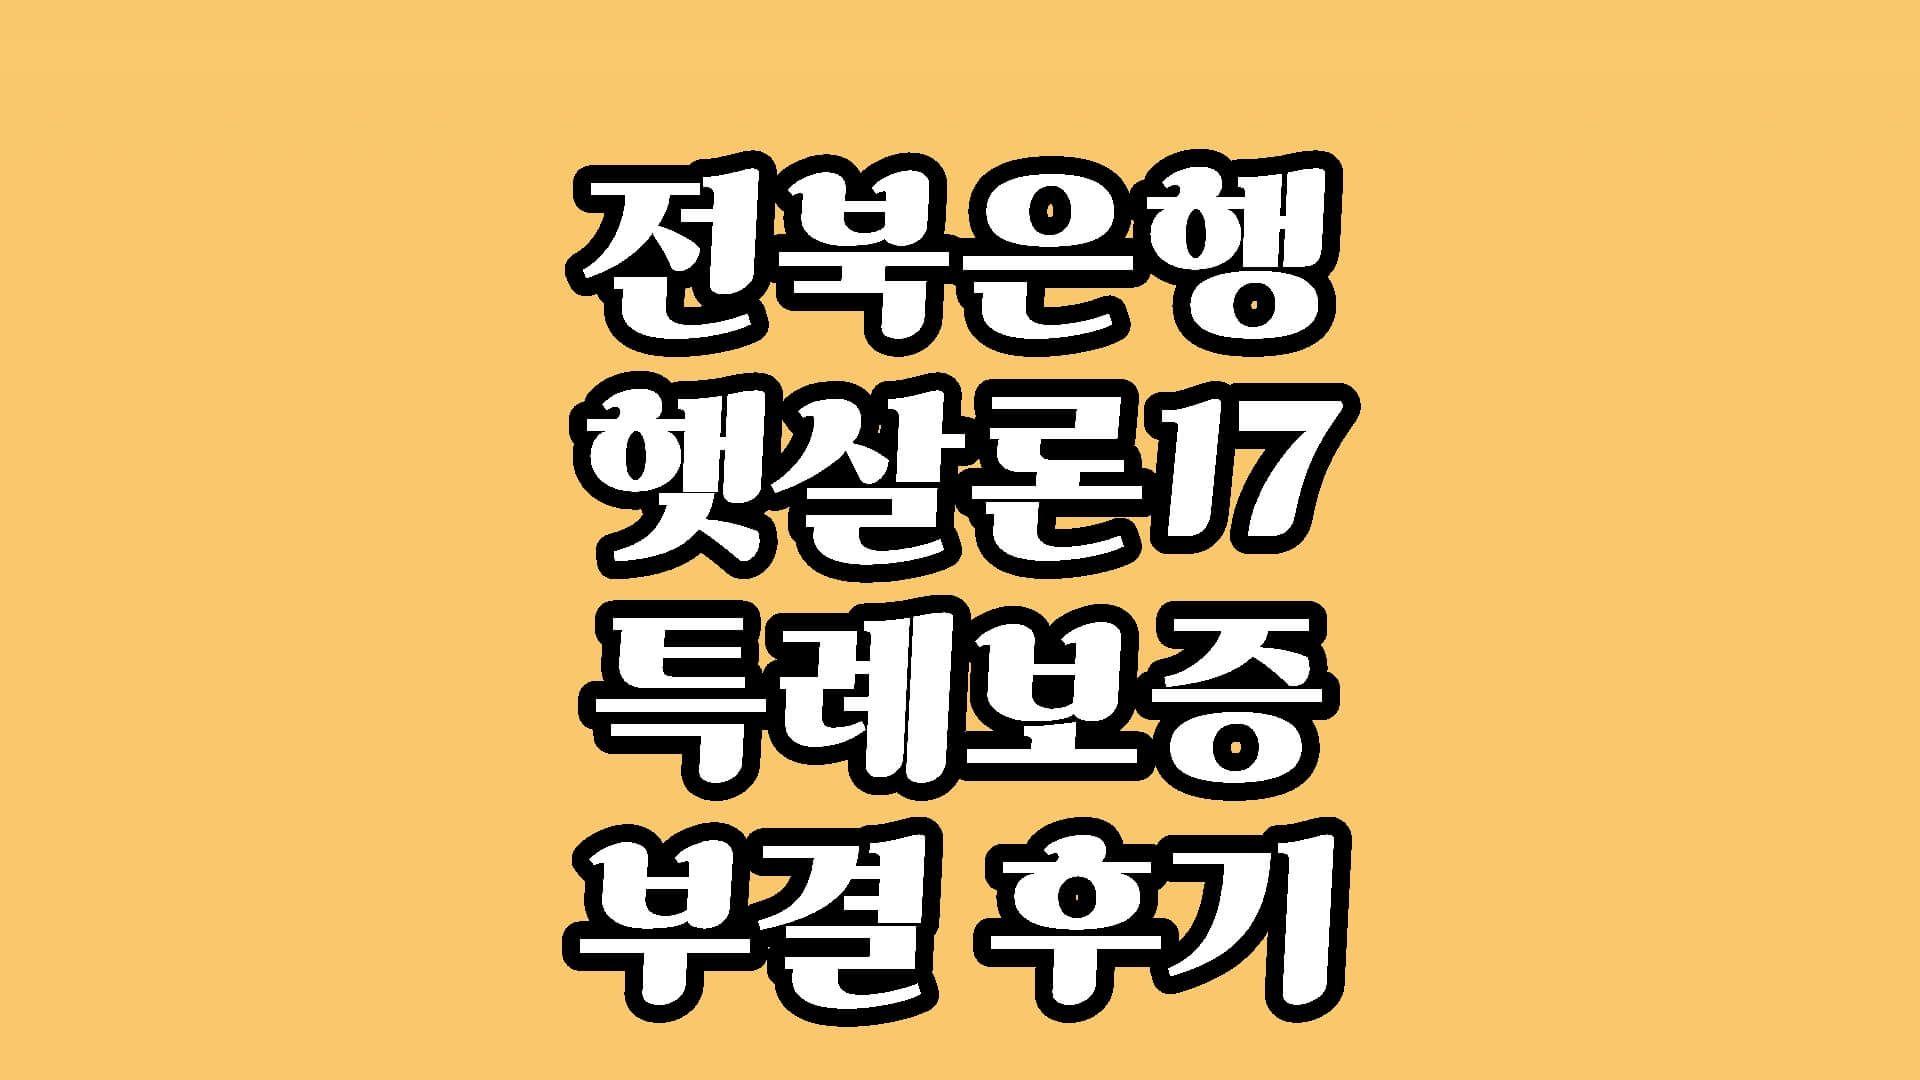 전북은행 햇살론17 특례보증 온라인 신청 방법 취급은행 기대출 부결 후기 사례 성실 금융